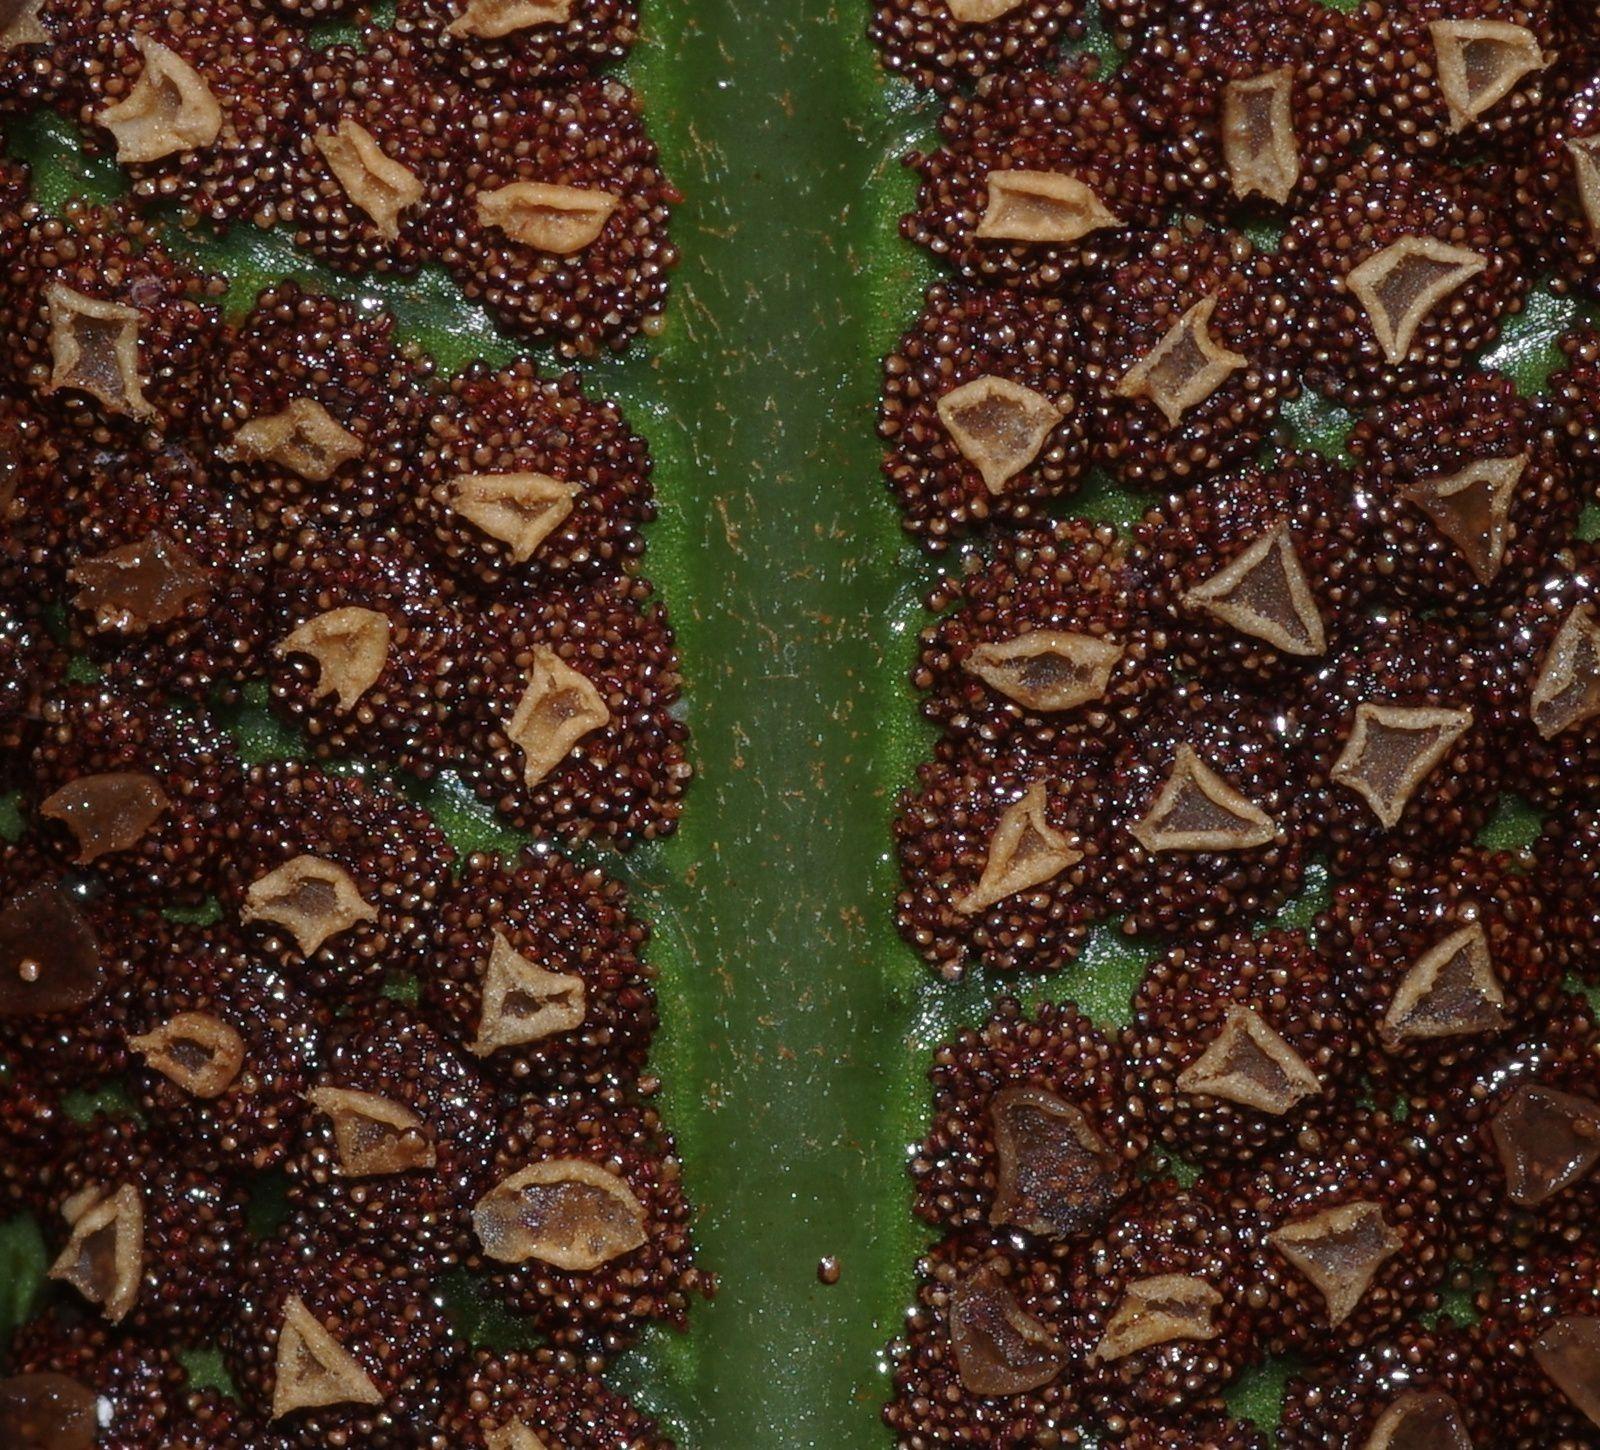 Cyclodium meniscioides var. meniscioides